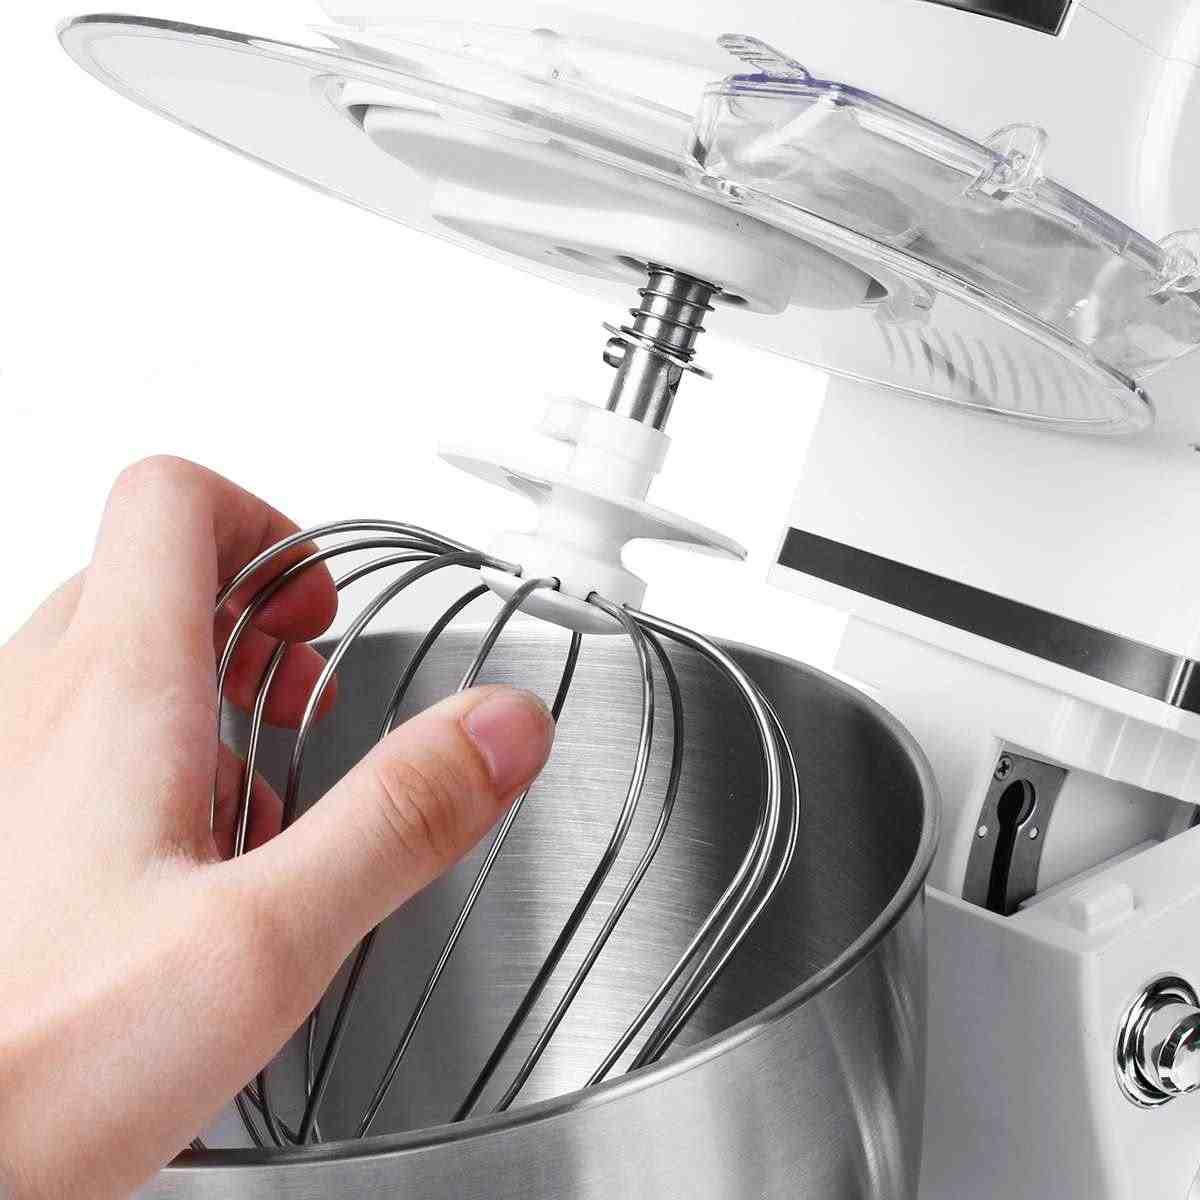 5L Comida Cozinha Batedeira 1000 W 6 velocidade Tigela de Aço Inoxidável Ovo Whisk-Liquidificador Misturador de Massa da Máquina do Fabricante cozinha Cozinhar Ferramentas